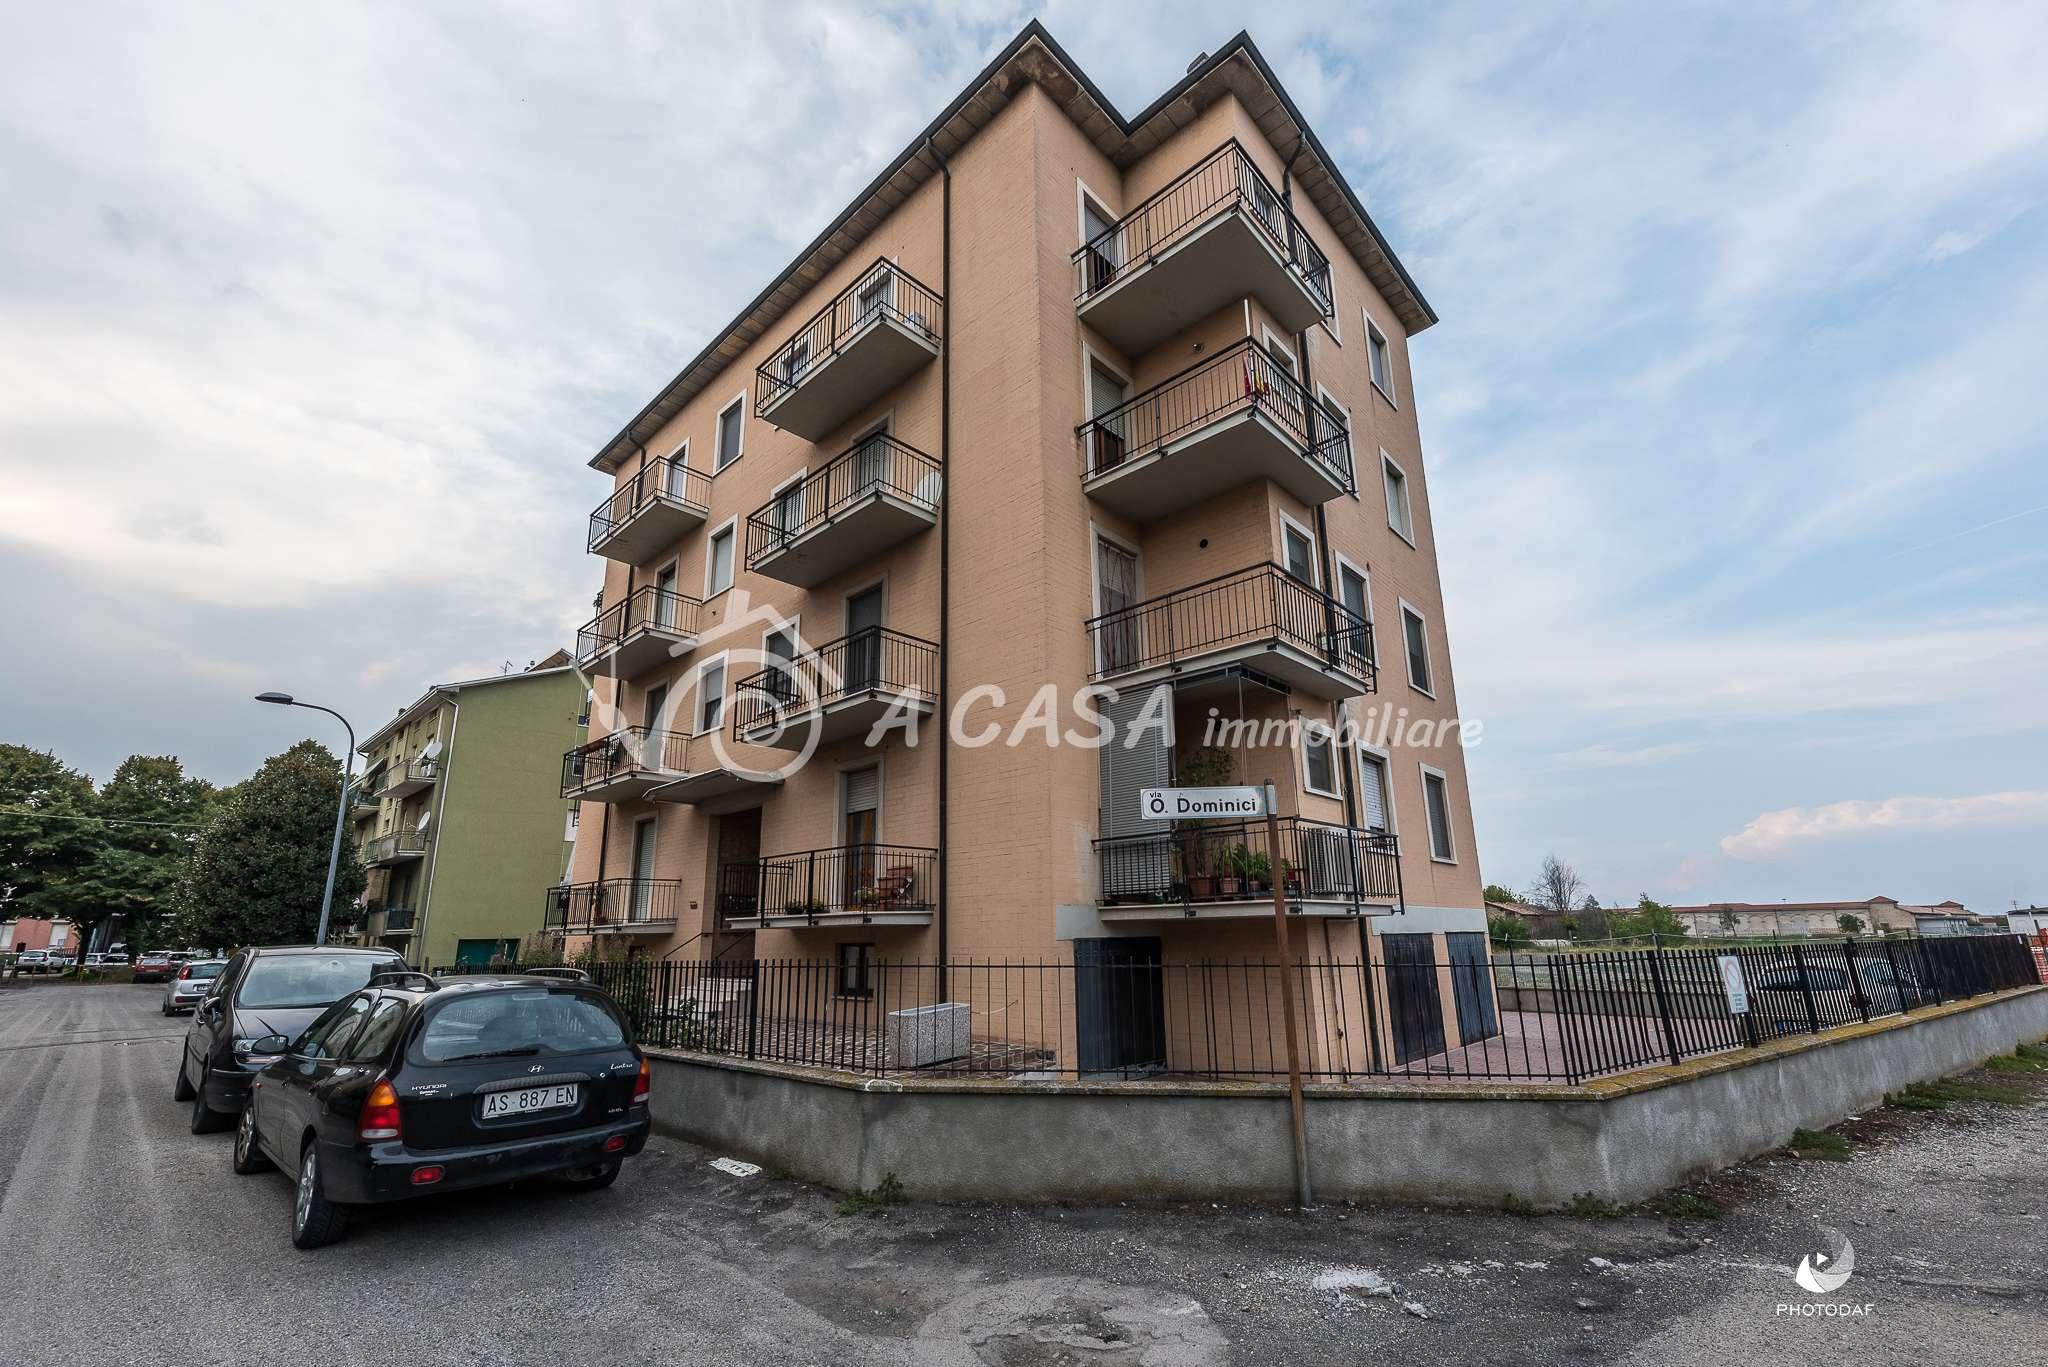 Appartamento in condizioni mediocri in vendita Rif. 7873497